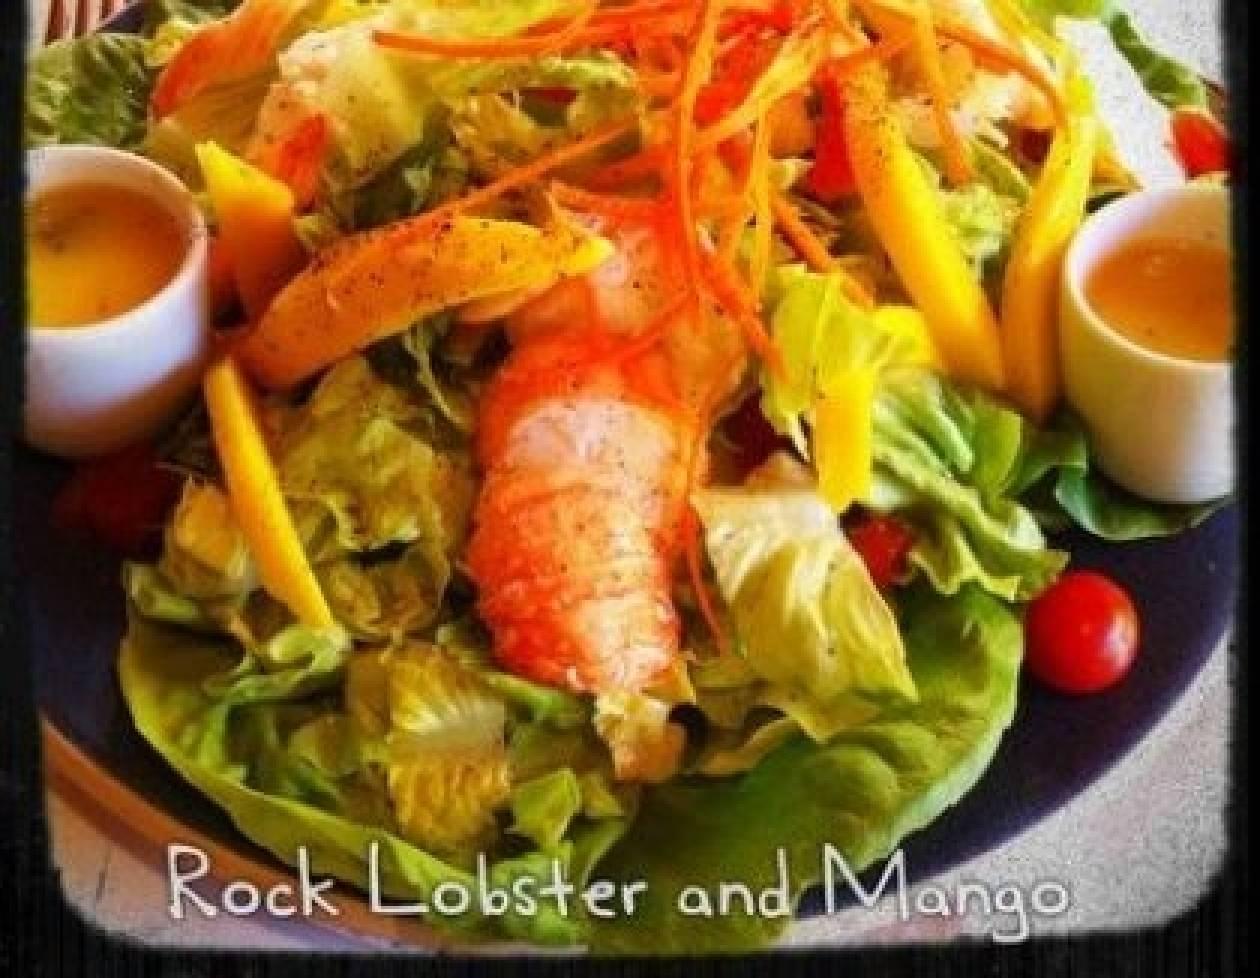 Εξωτική (αλλά εντελώς γιορτινή) σαλάτα με αστακό και μάνγκο